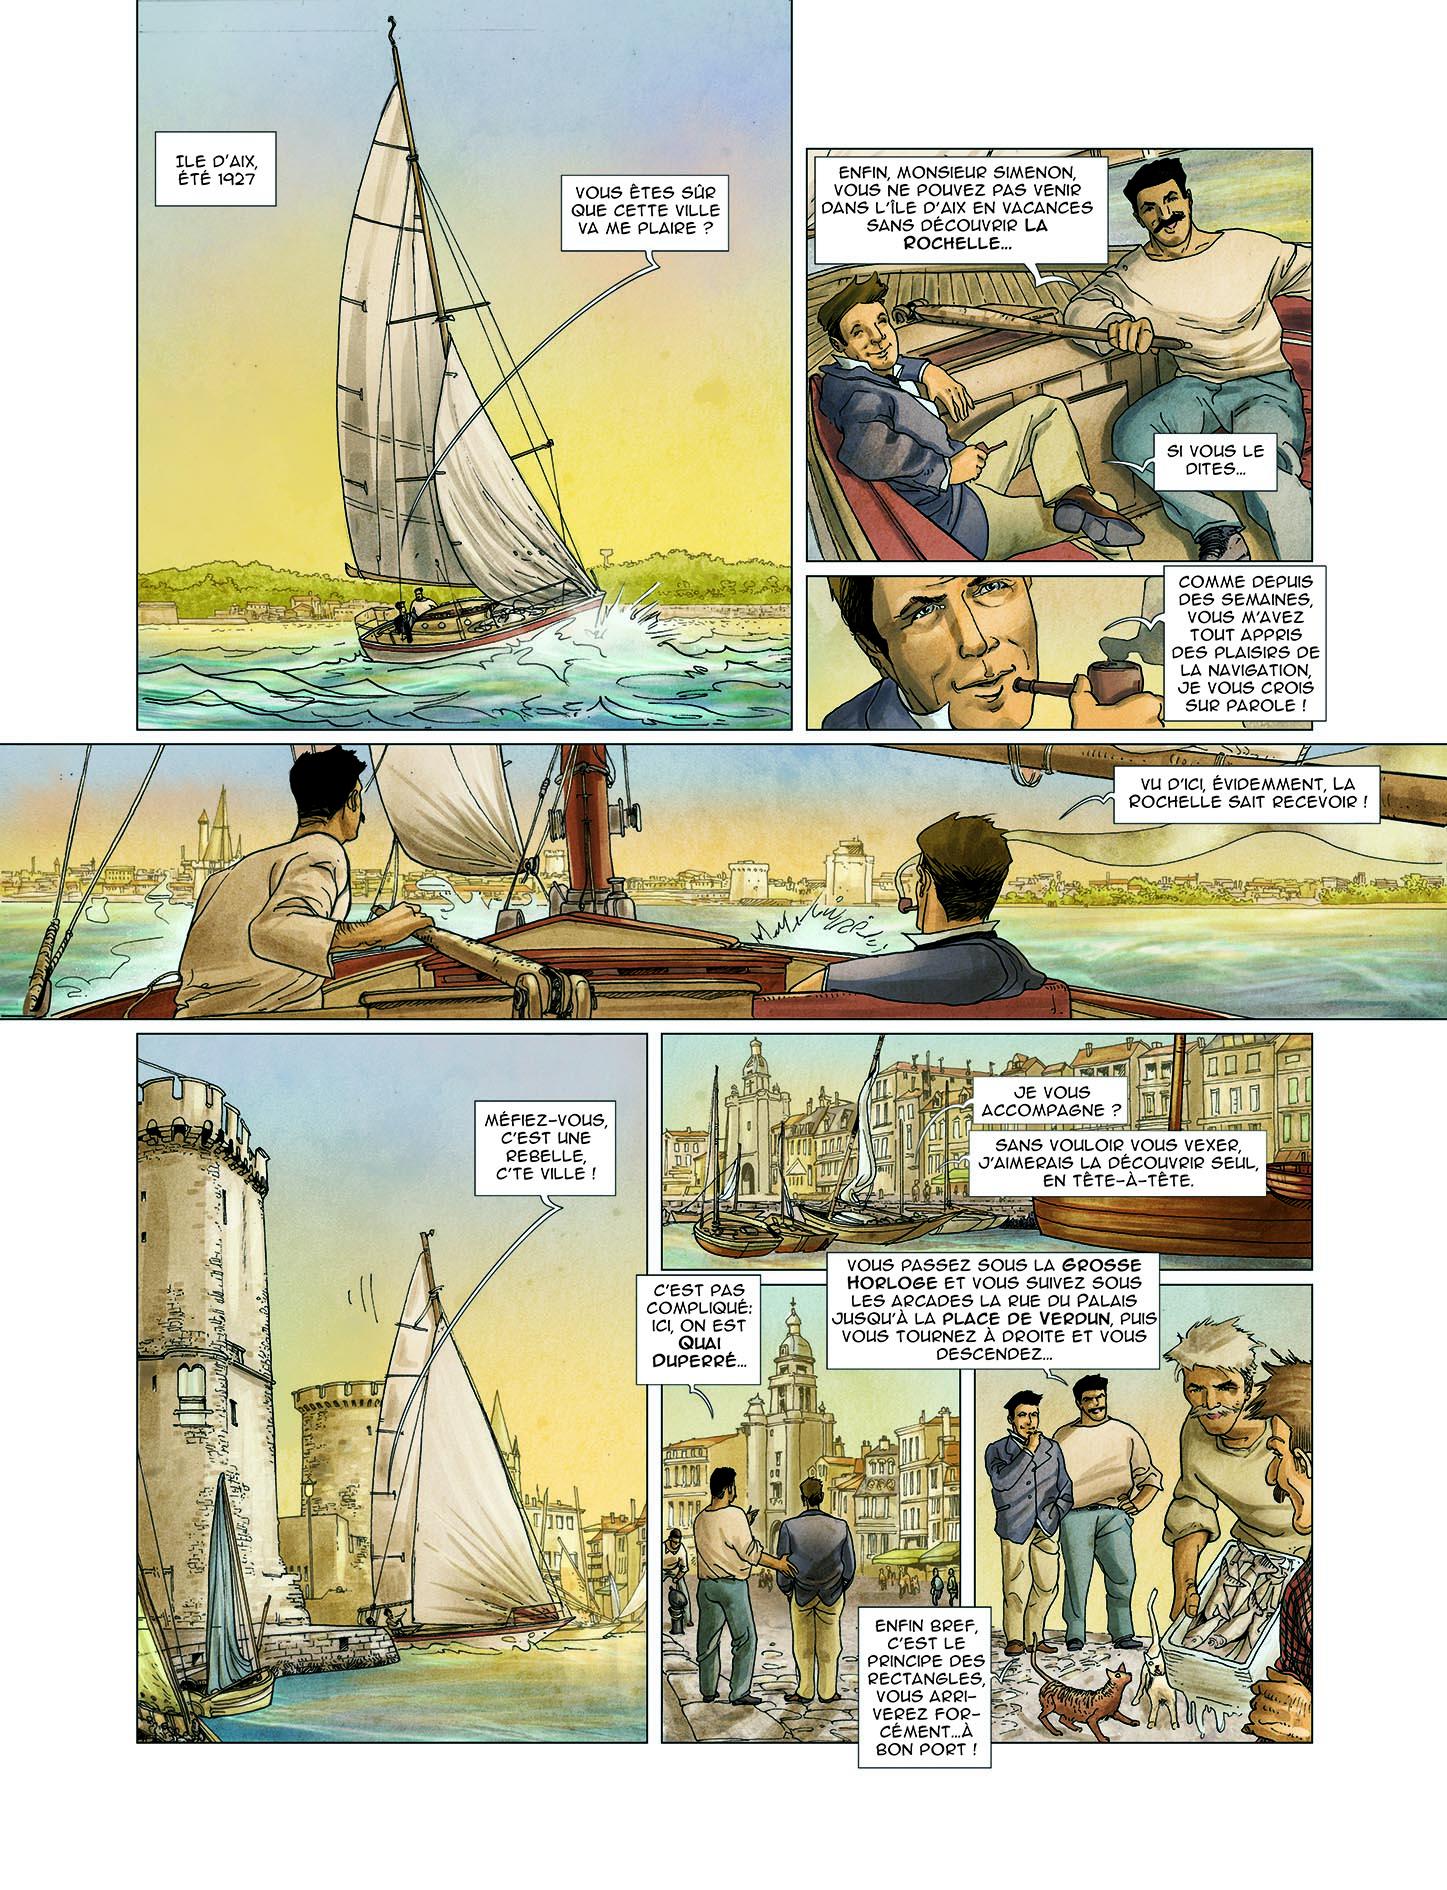 La Rochelle Des Origines A Nos Jours Editions Petit A Petit